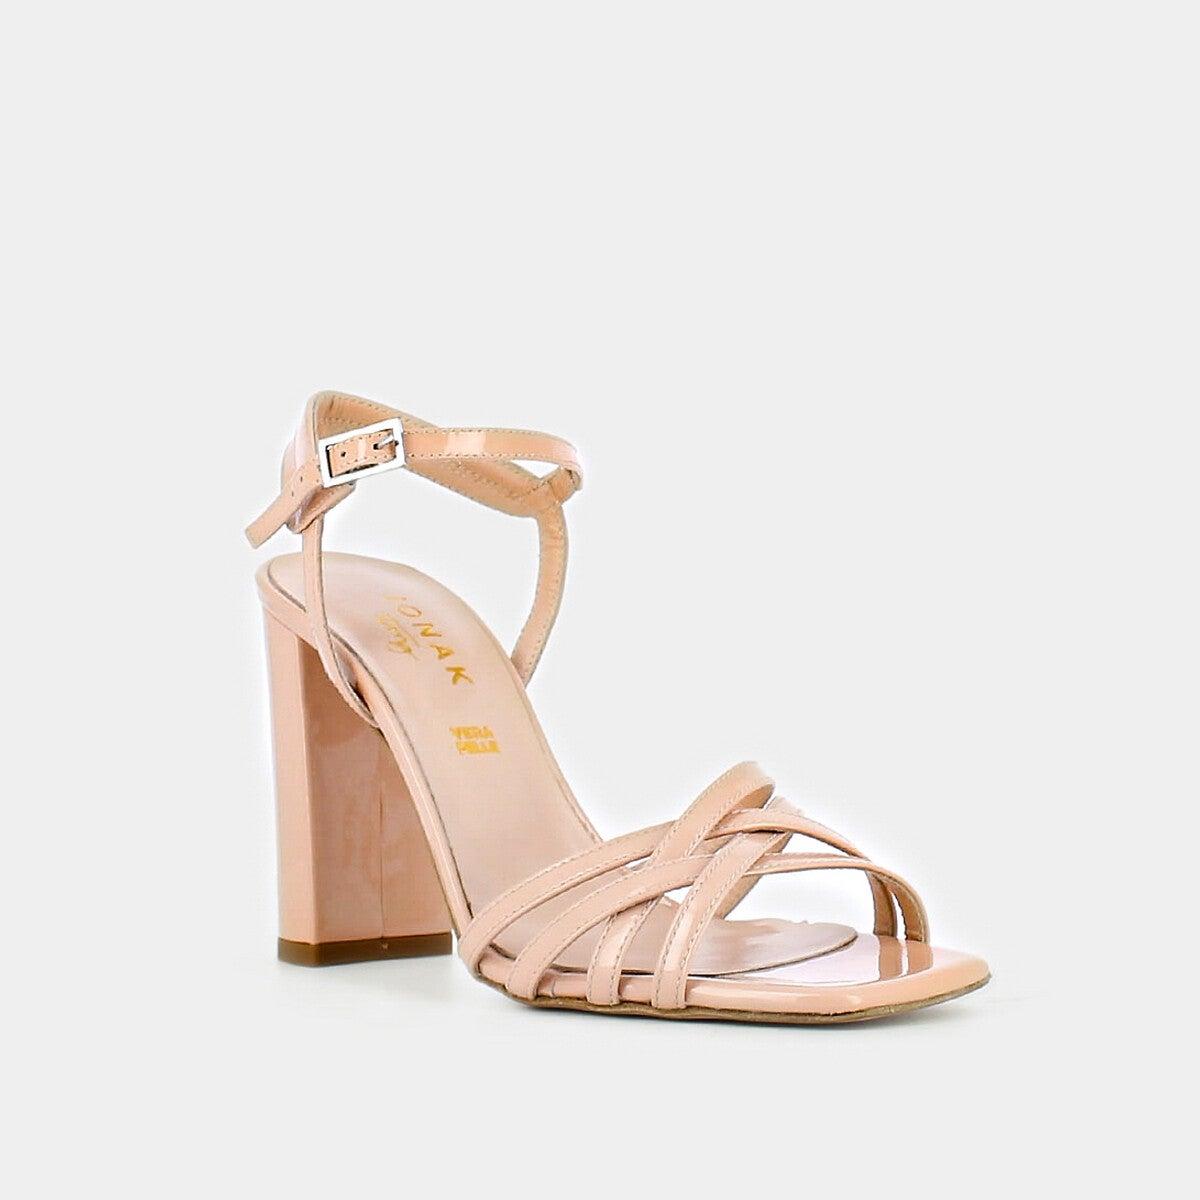 Sandales à brides croisées en cuir verni, Jonak, 72,50€ au lieu de 145€.